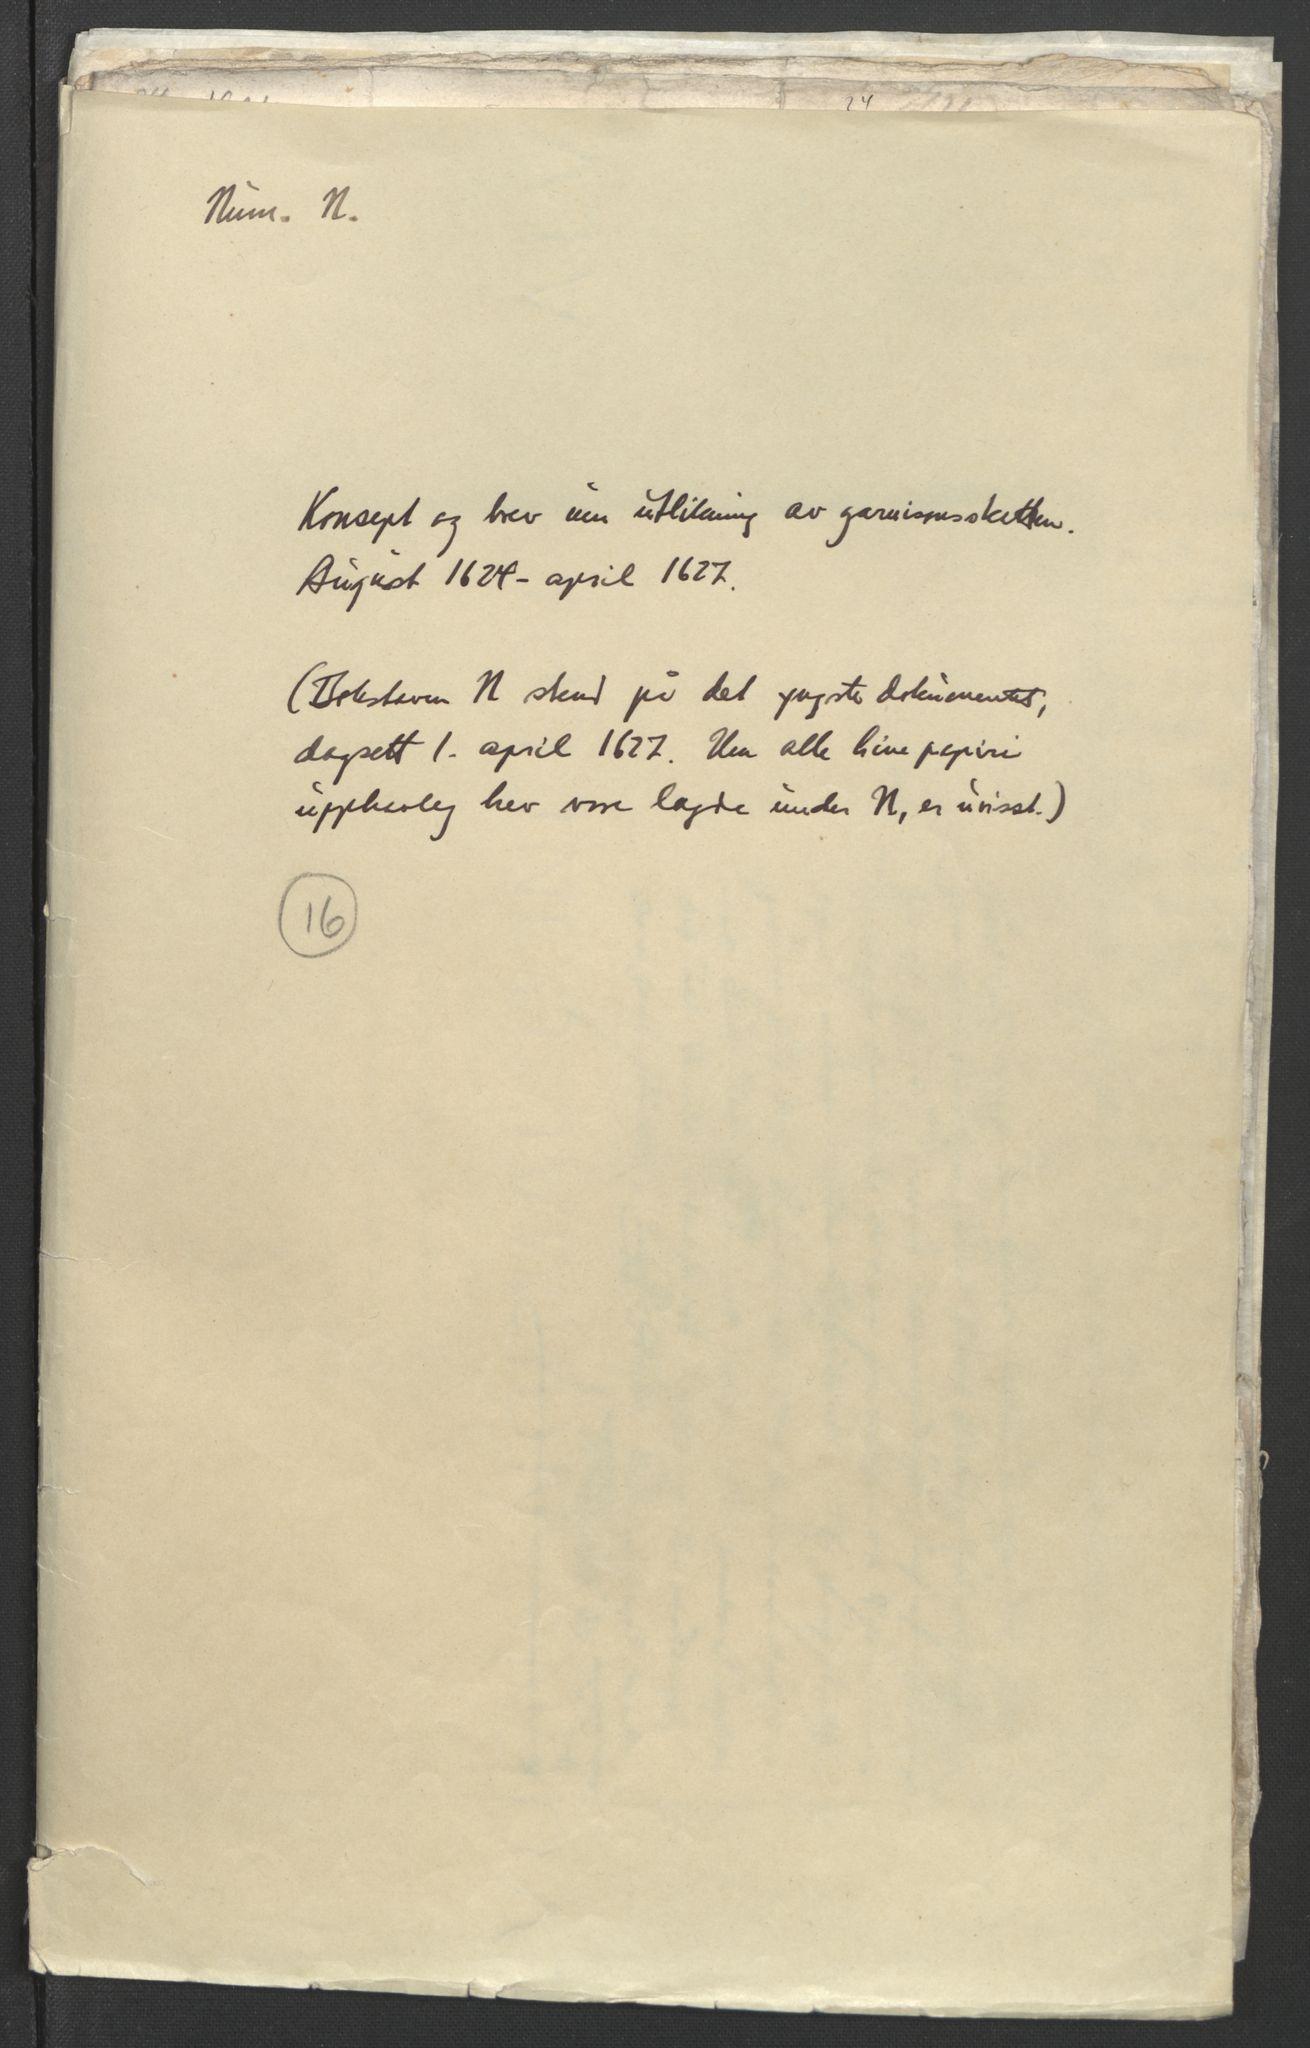 RA, Stattholderembetet 1572-1771, Ek/L0006: Jordebøker til utlikning av garnisonsskatt 1624-1626:, 1624-1627, s. 2